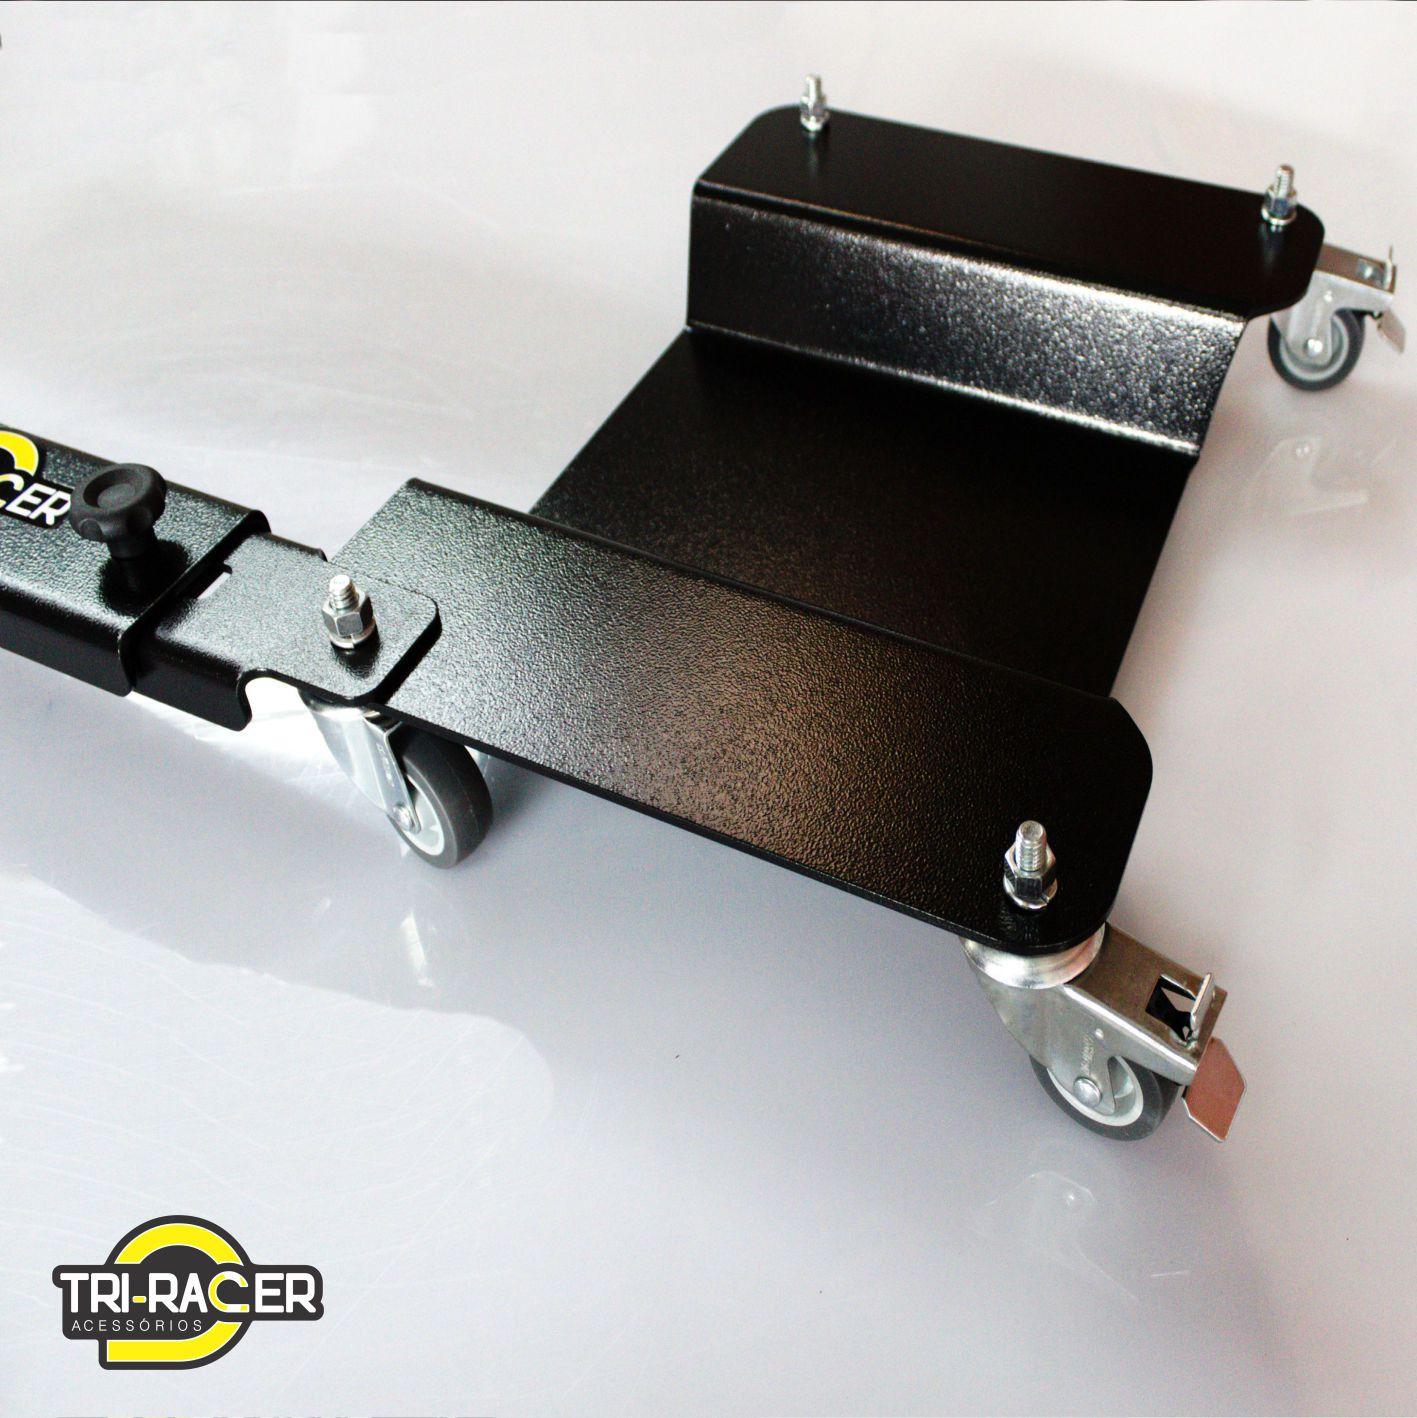 Moto Plataforma P/ Estacionar  Tr-1000 - até 210kg